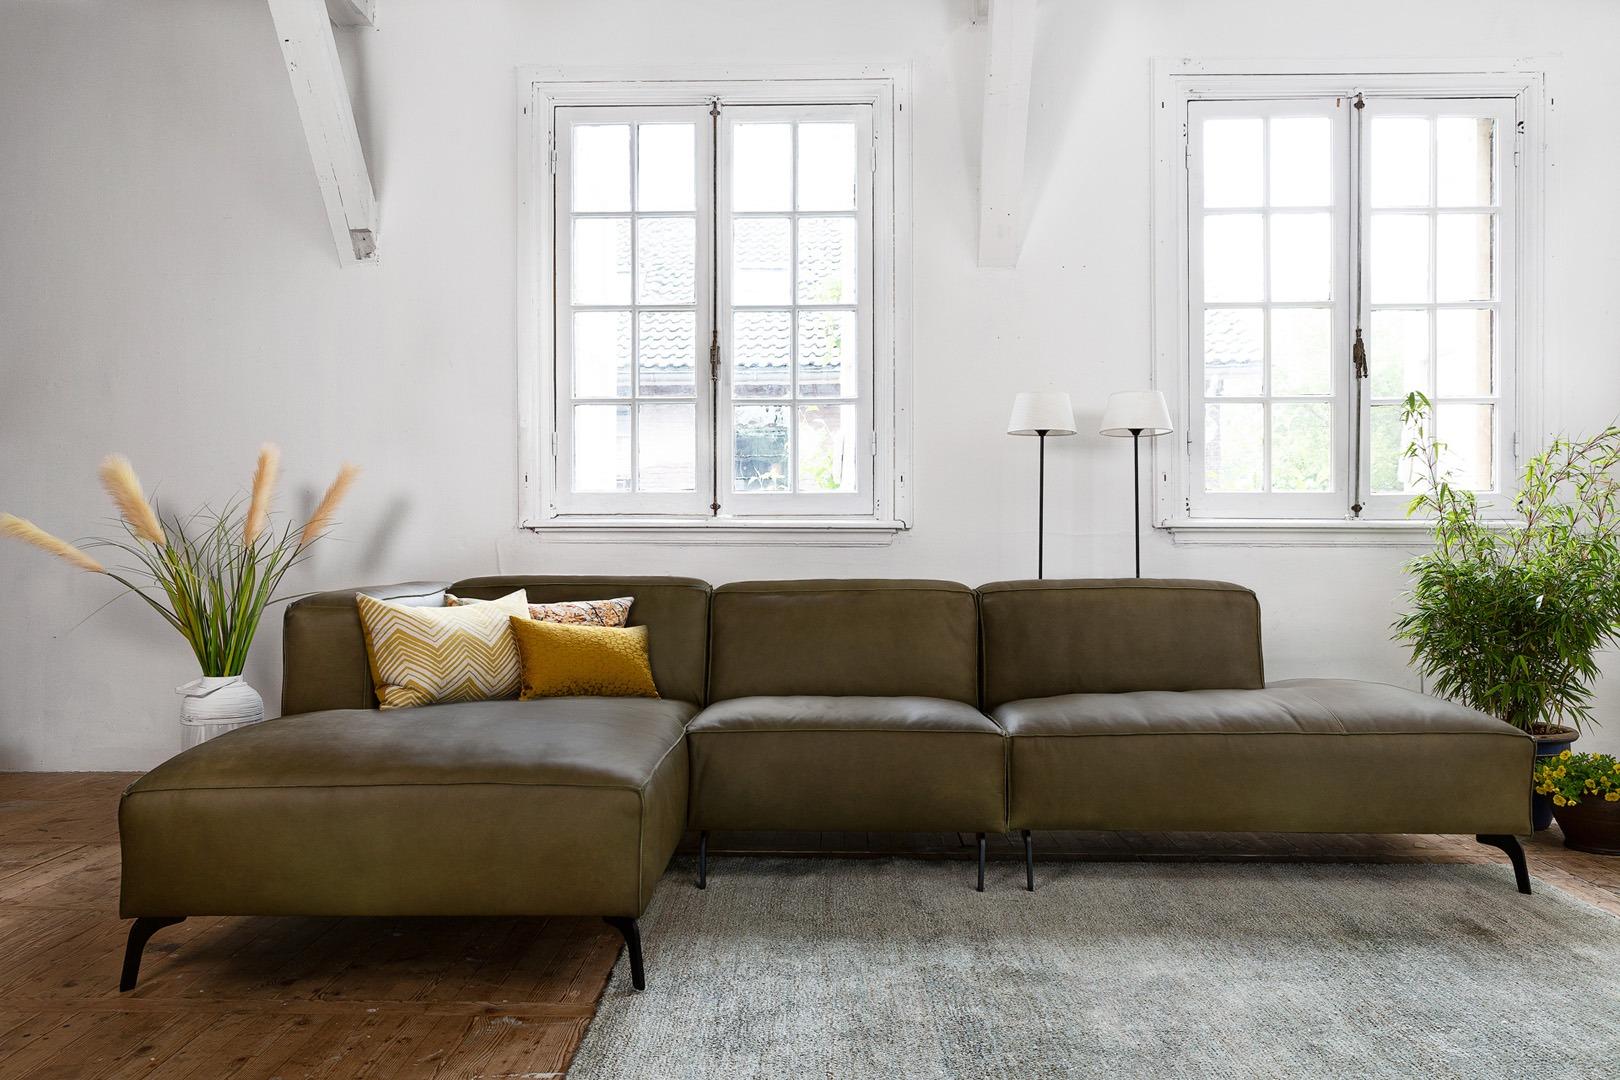 vino-piemonte-ottoman-terminal-met-longchair-hoekbnak-groen-leer-soofs-interieur (1)